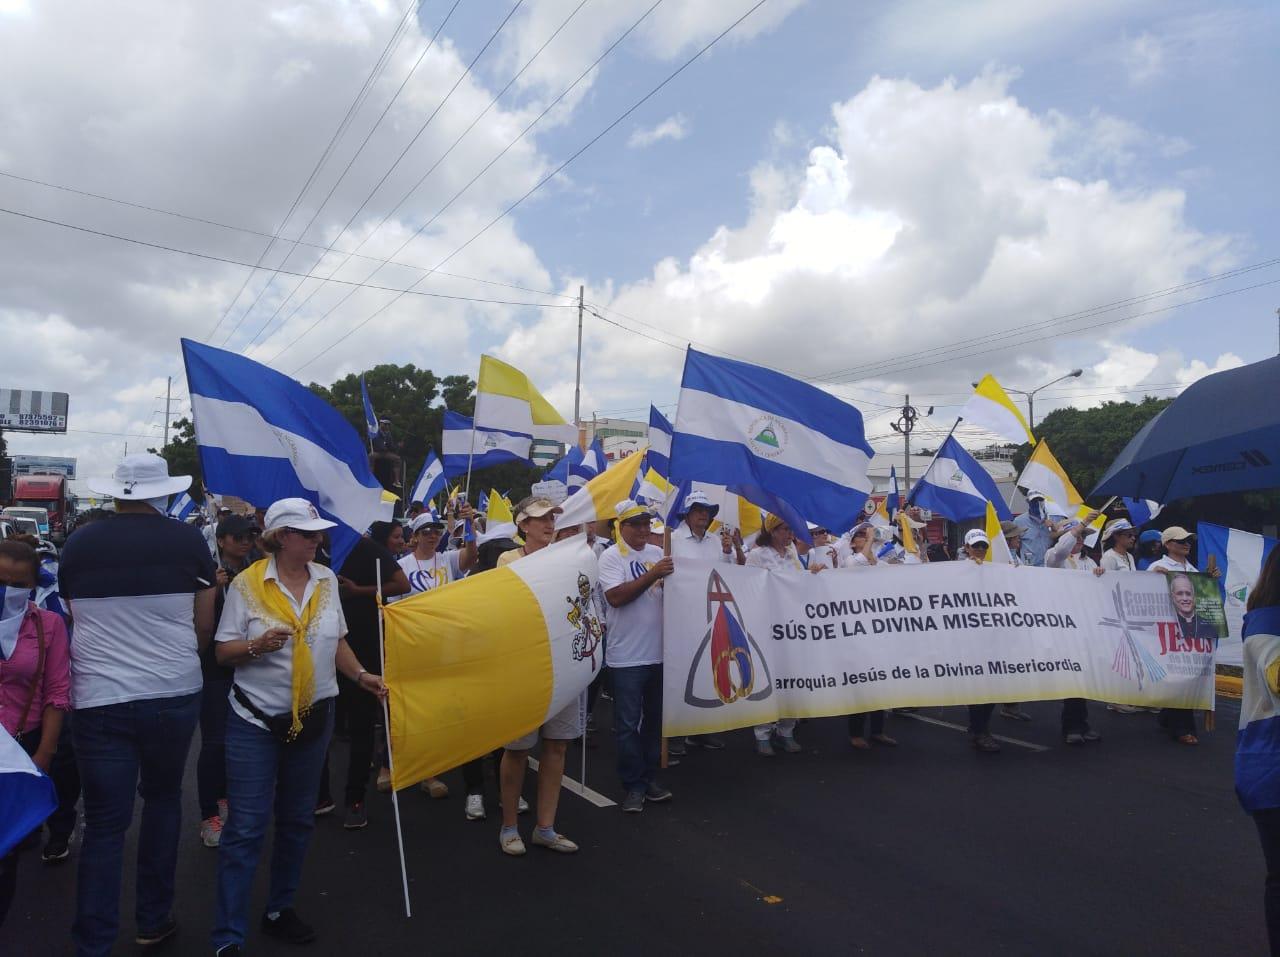 La Resolución aprobada de manera unánime, en el Congreso Nacional de Estados Unidos condena la represión del Gobierno Nicaragüense